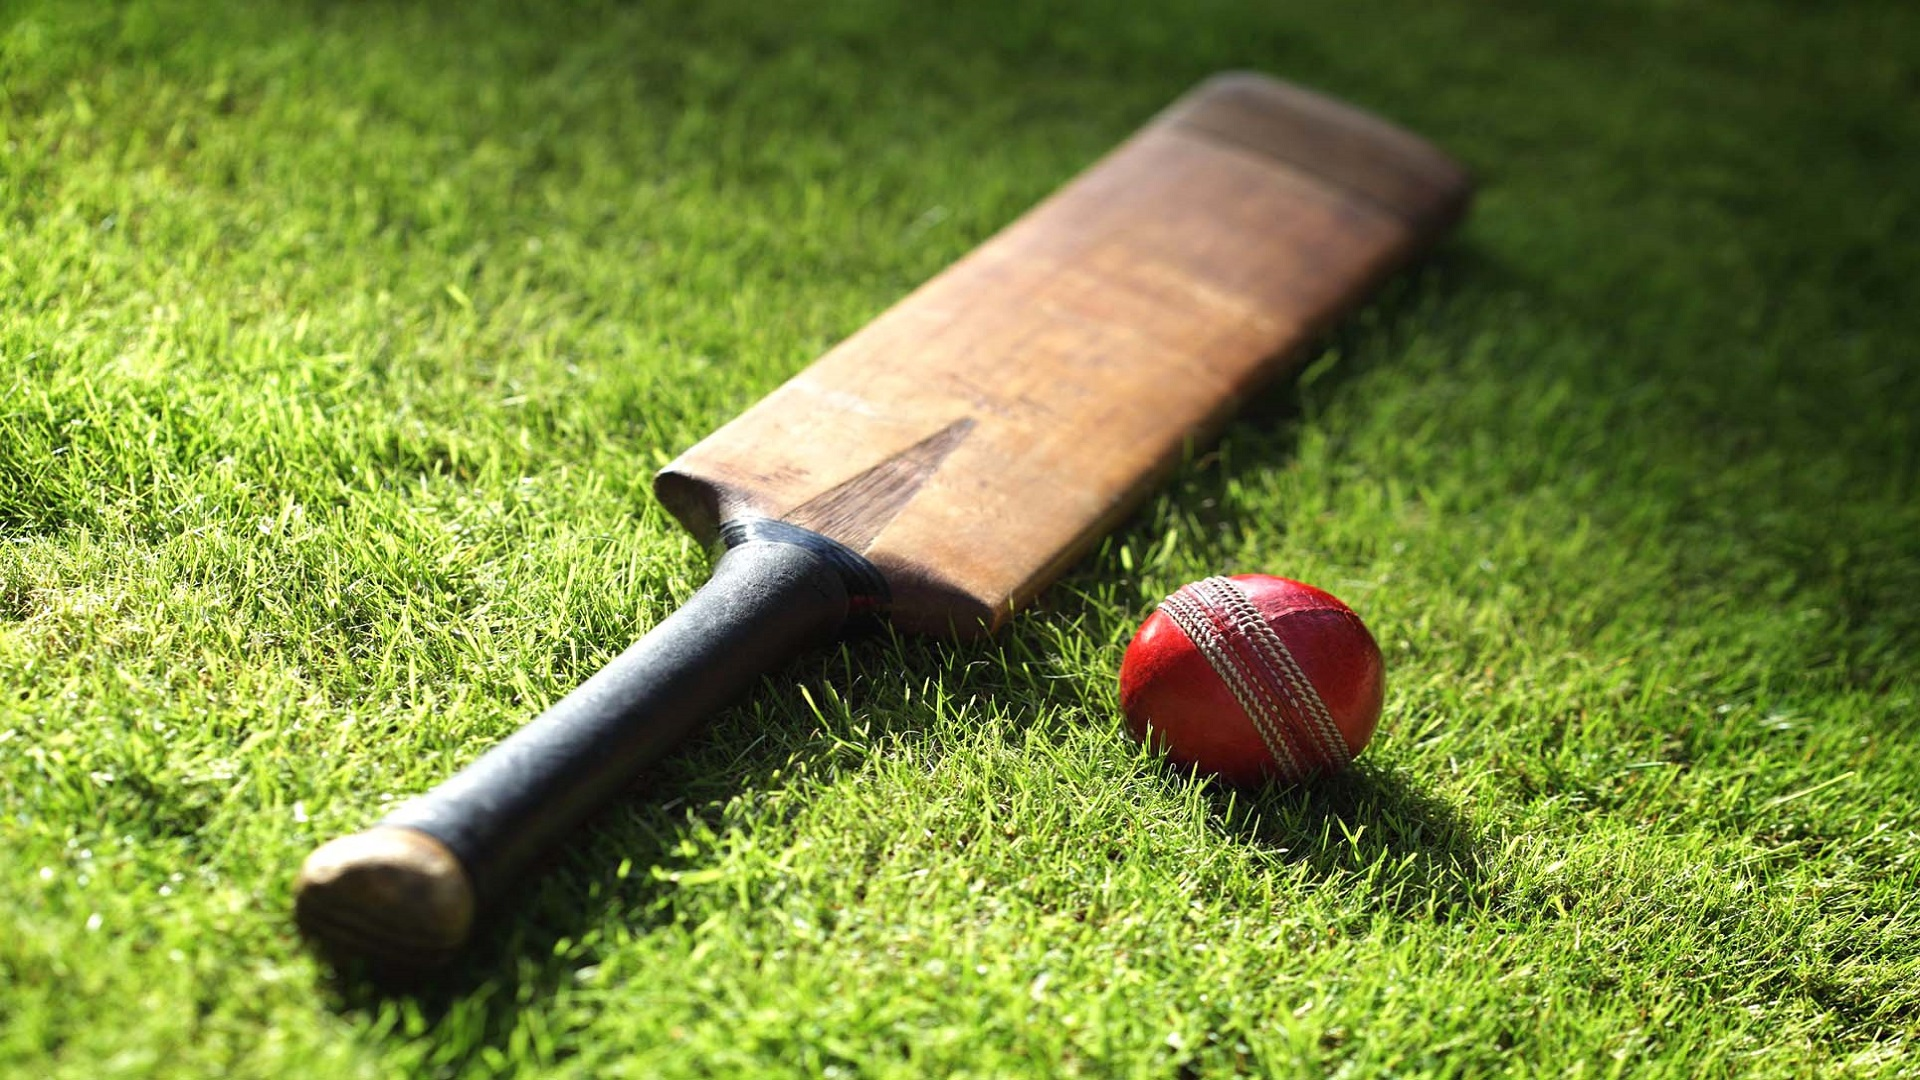 महेंद्र सिंह धोनी के बाद टीम इंडिया के दो स्टार खिलाड़ियों ने भी लिया घरेलू टी20 टूर्नामेंट से अपना नाम वापस, वजह जान हैरान रह जायेंगा आप 1